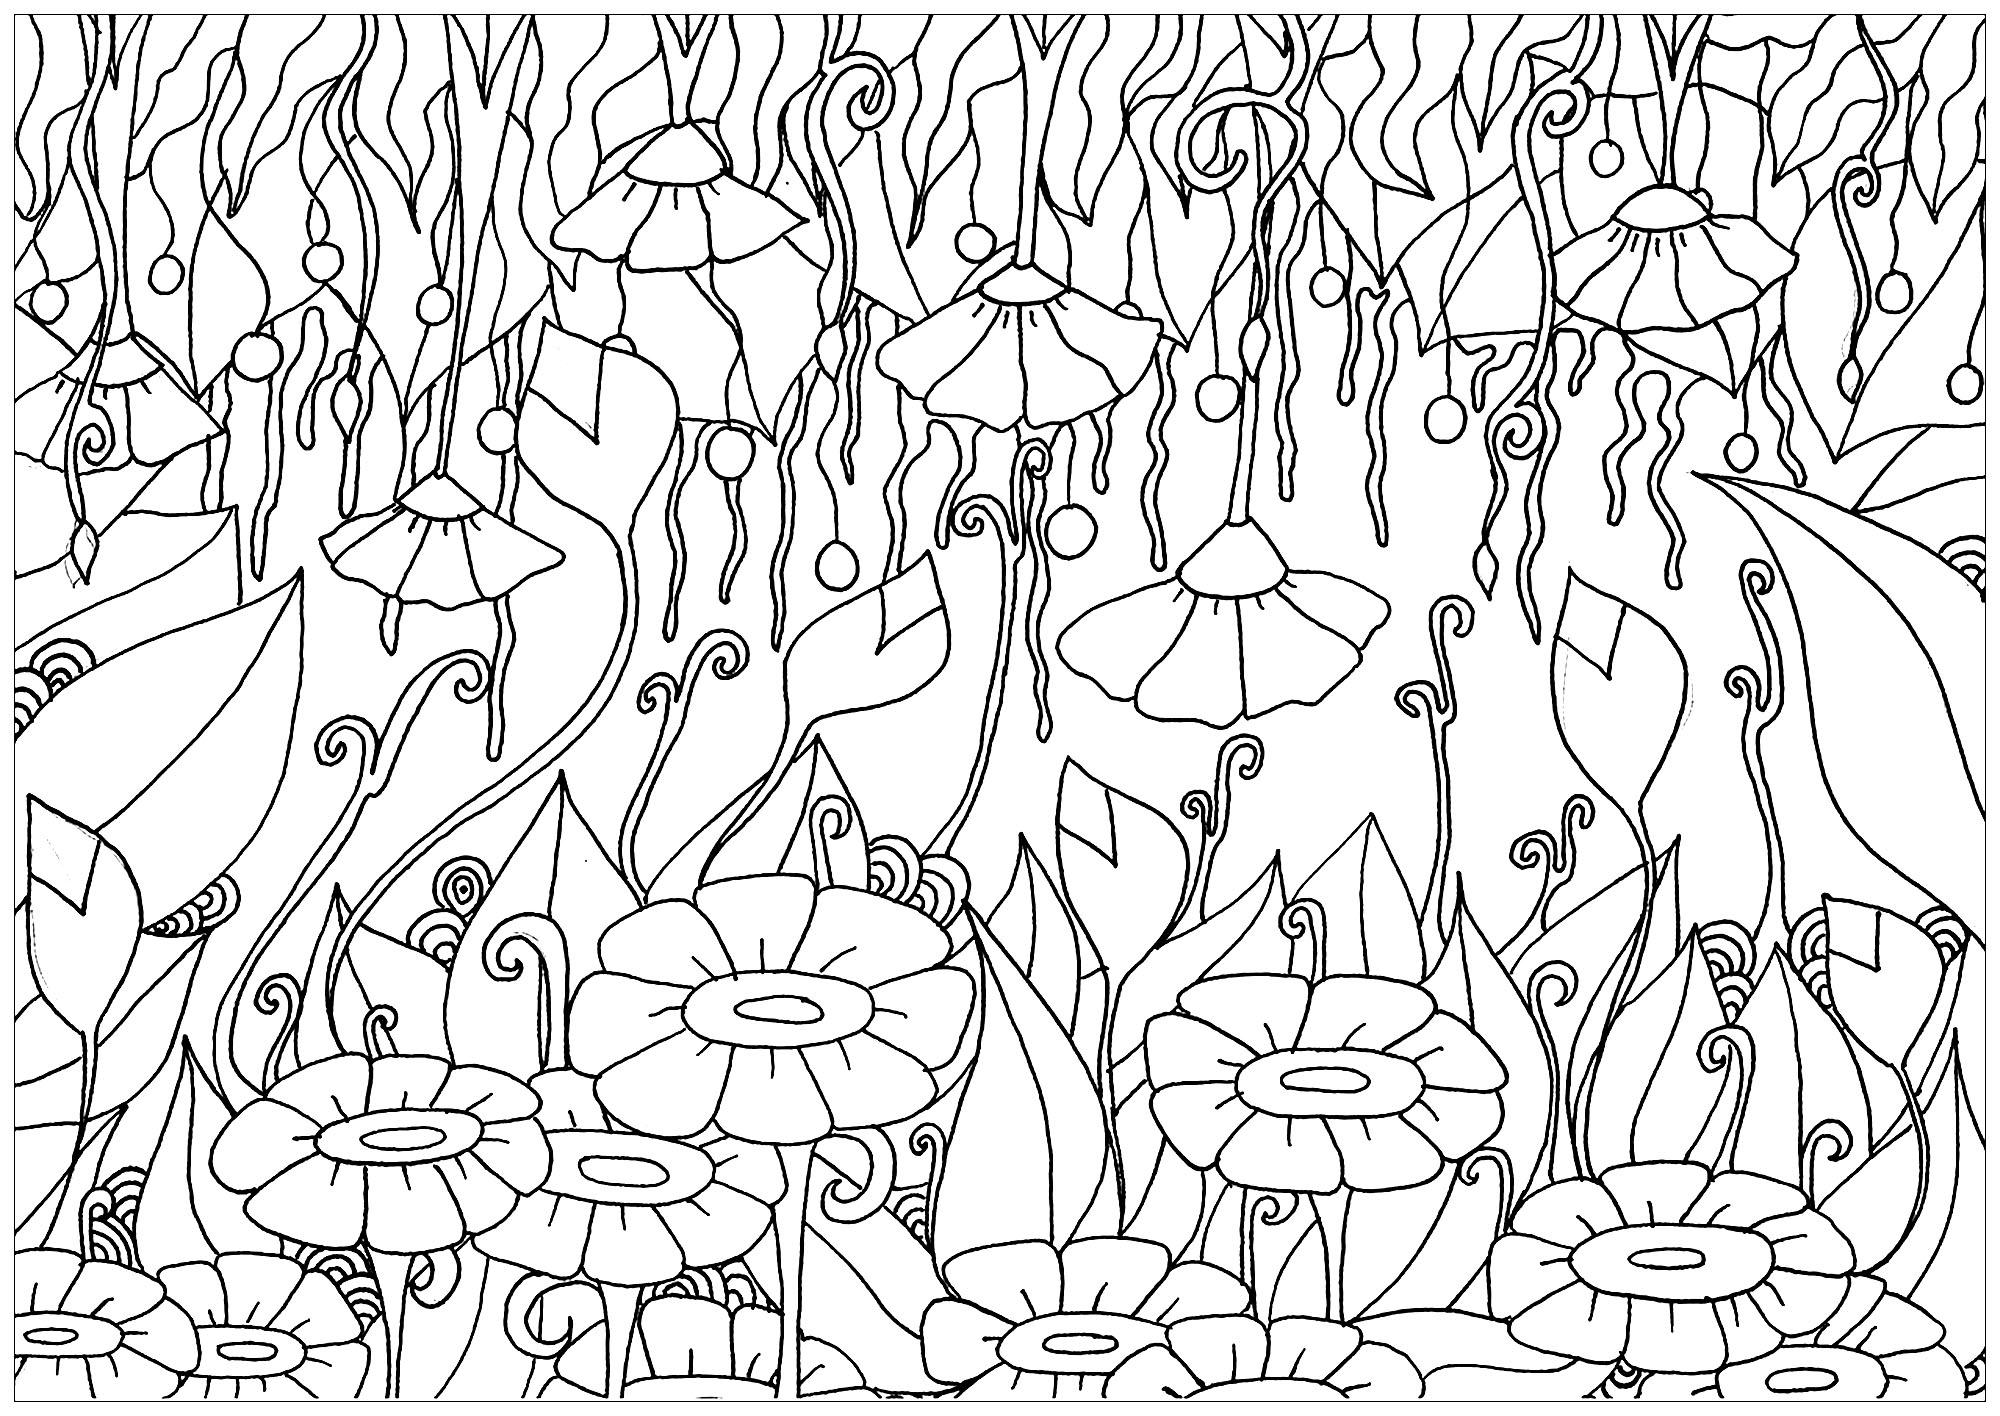 Flores y vegetacion 49774 - Flores y vegetación - Colorear para Adultos